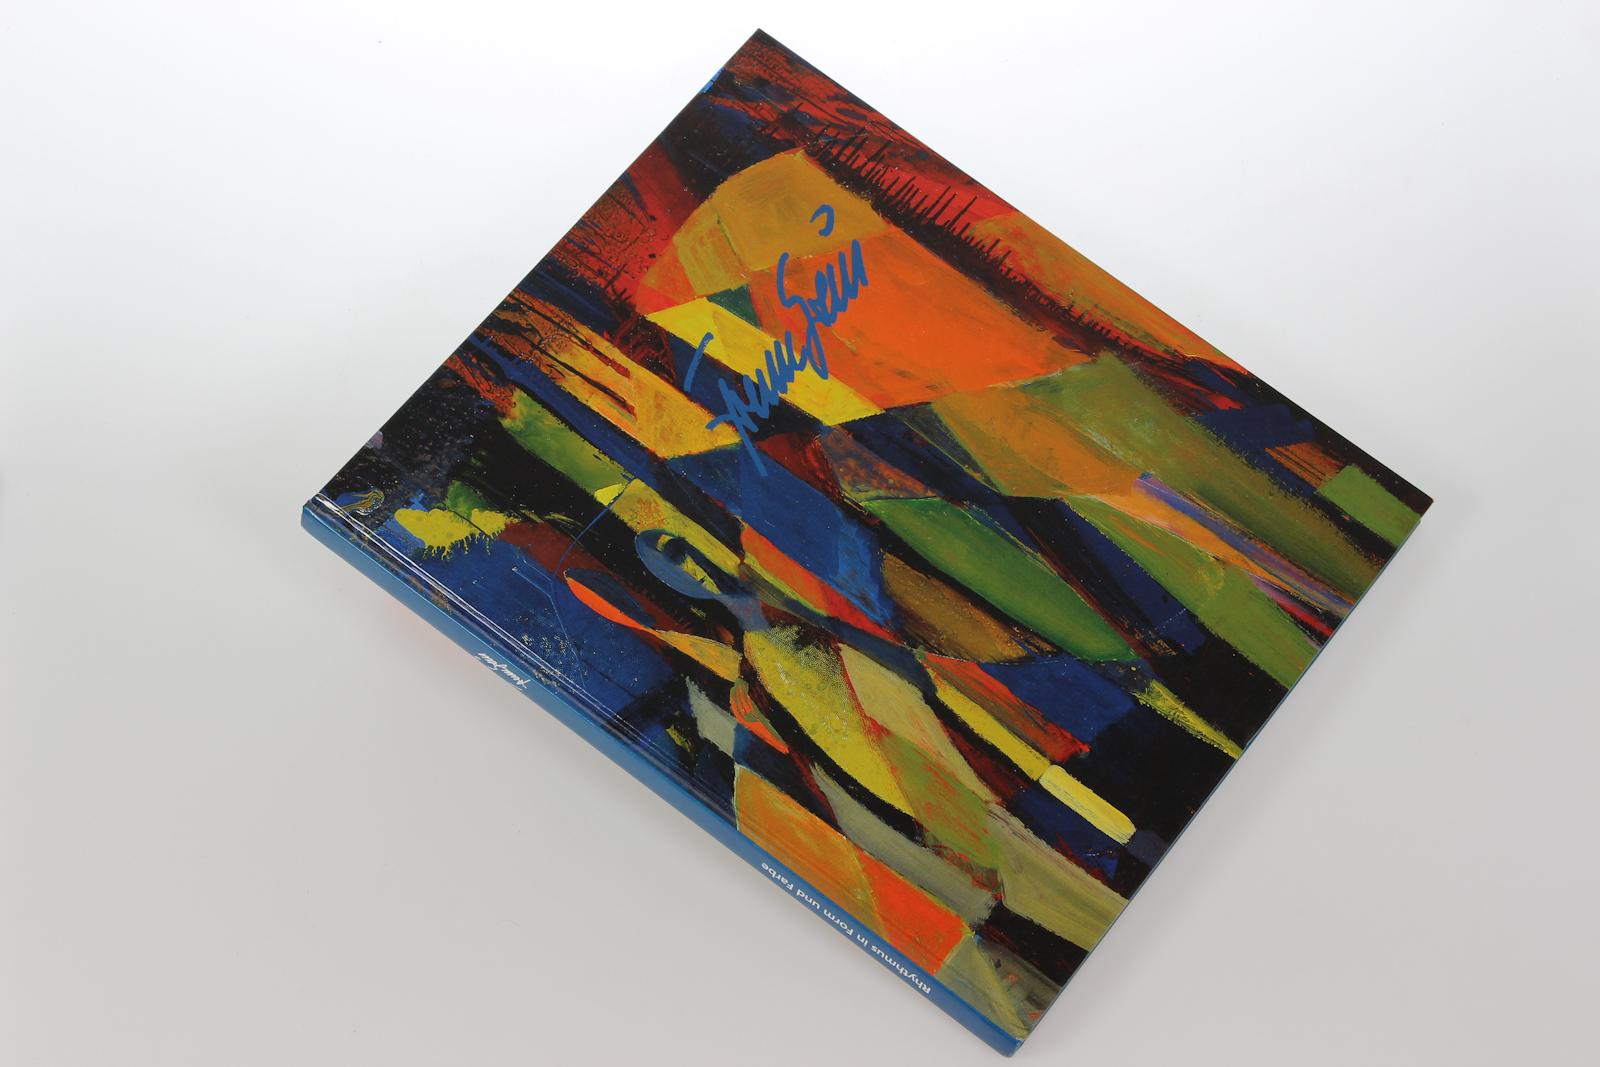 Franz Grau : Rhythmus in Form und Farbe ; Lebenswerk des Künstlers Franz Grau. [Hrsg. Leonore Welscher]